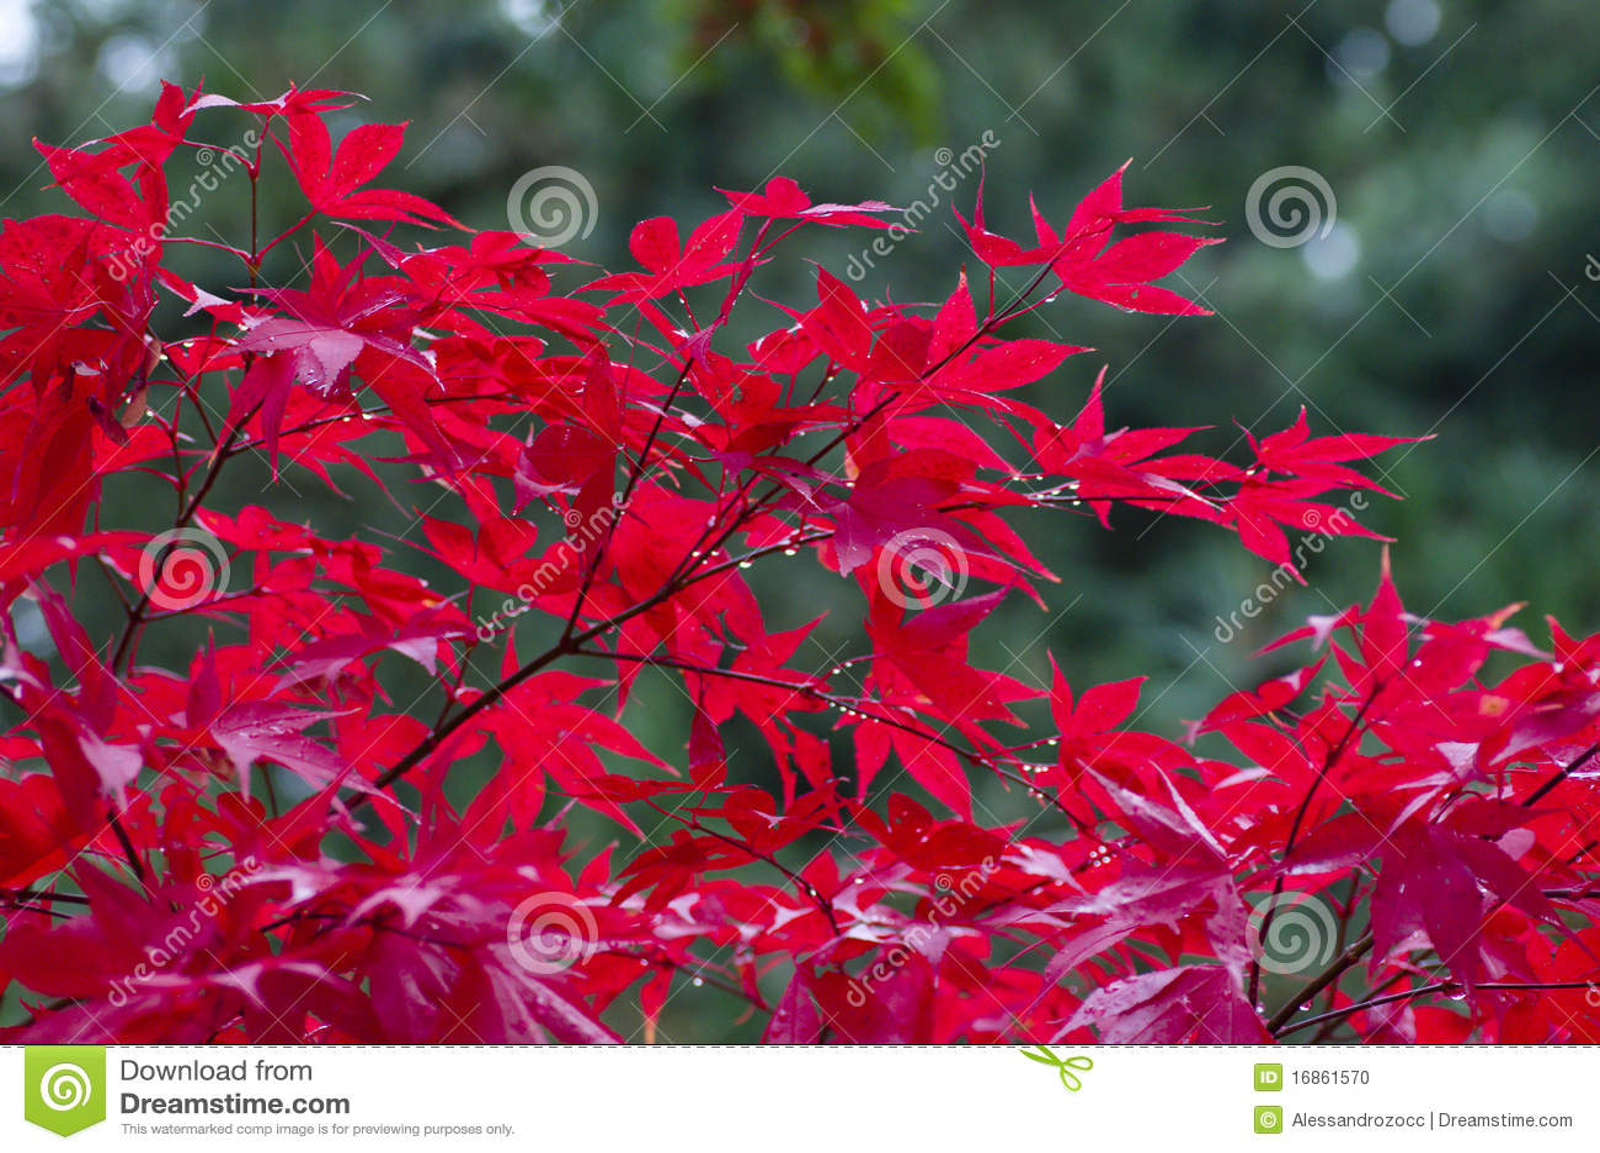 arbre d 39 rable japonais rouge photo stock image 16861570. Black Bedroom Furniture Sets. Home Design Ideas